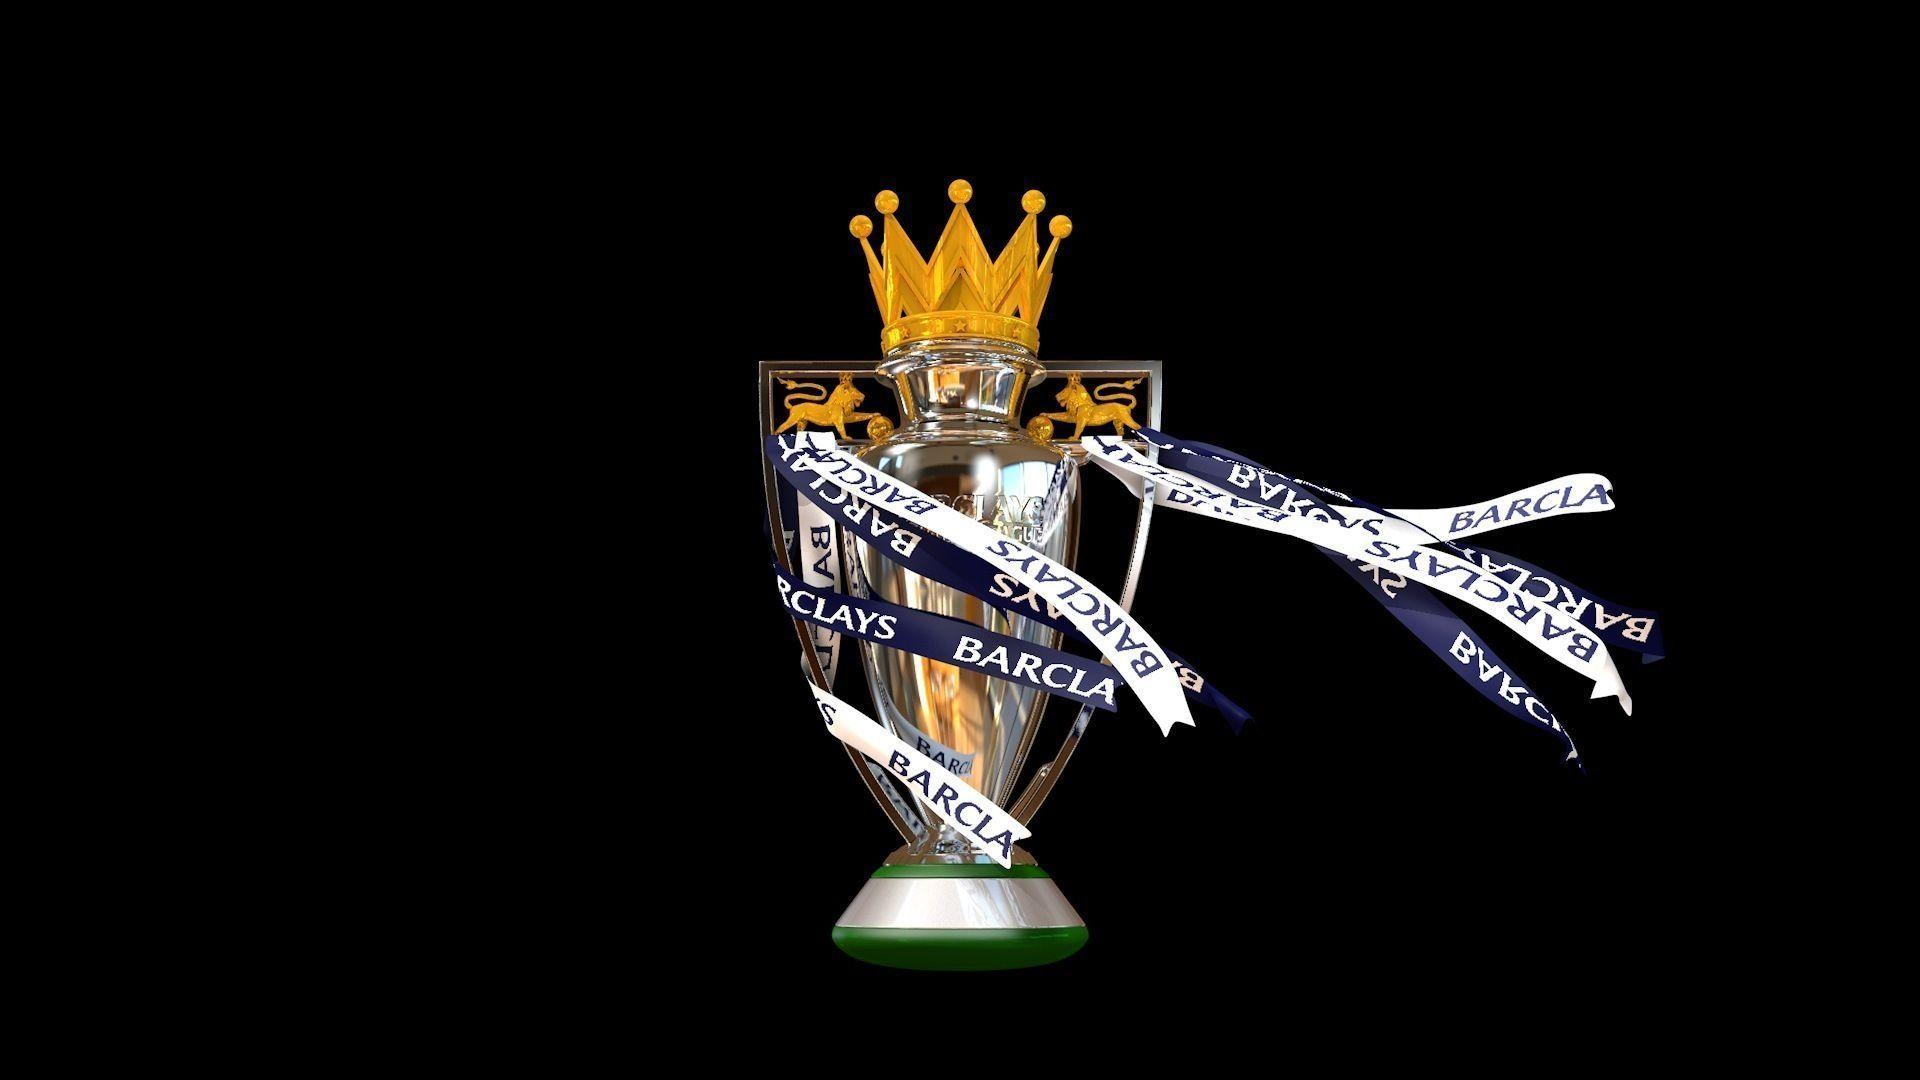 English Premier League Trophy 2015-2016 3D Model Animated